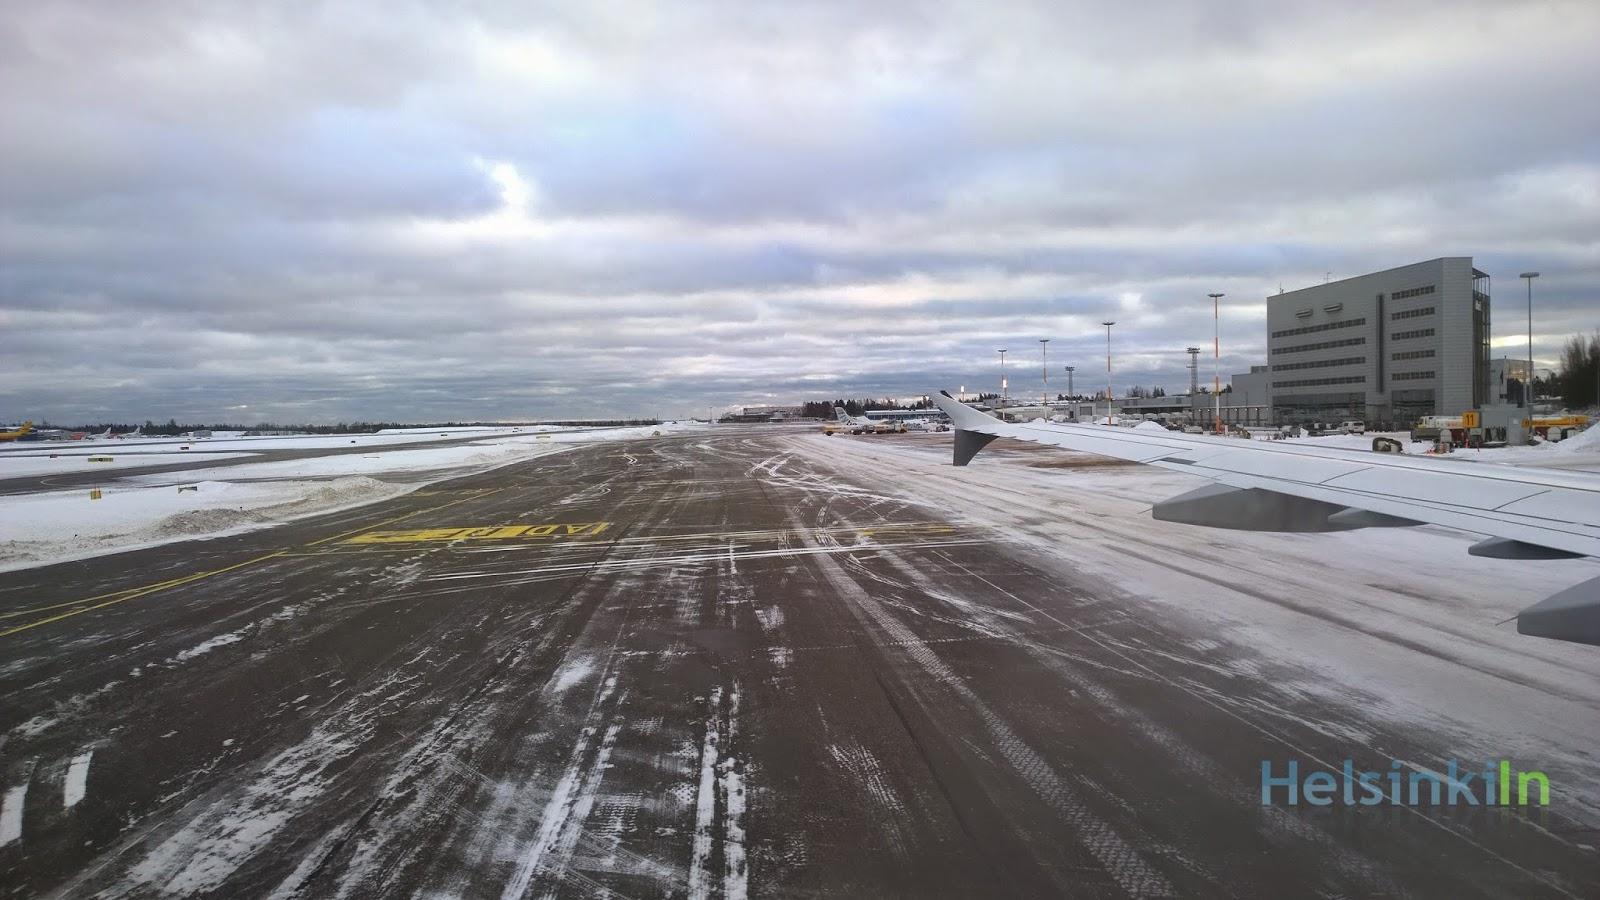 snow at Helsinki Vantaa Airport